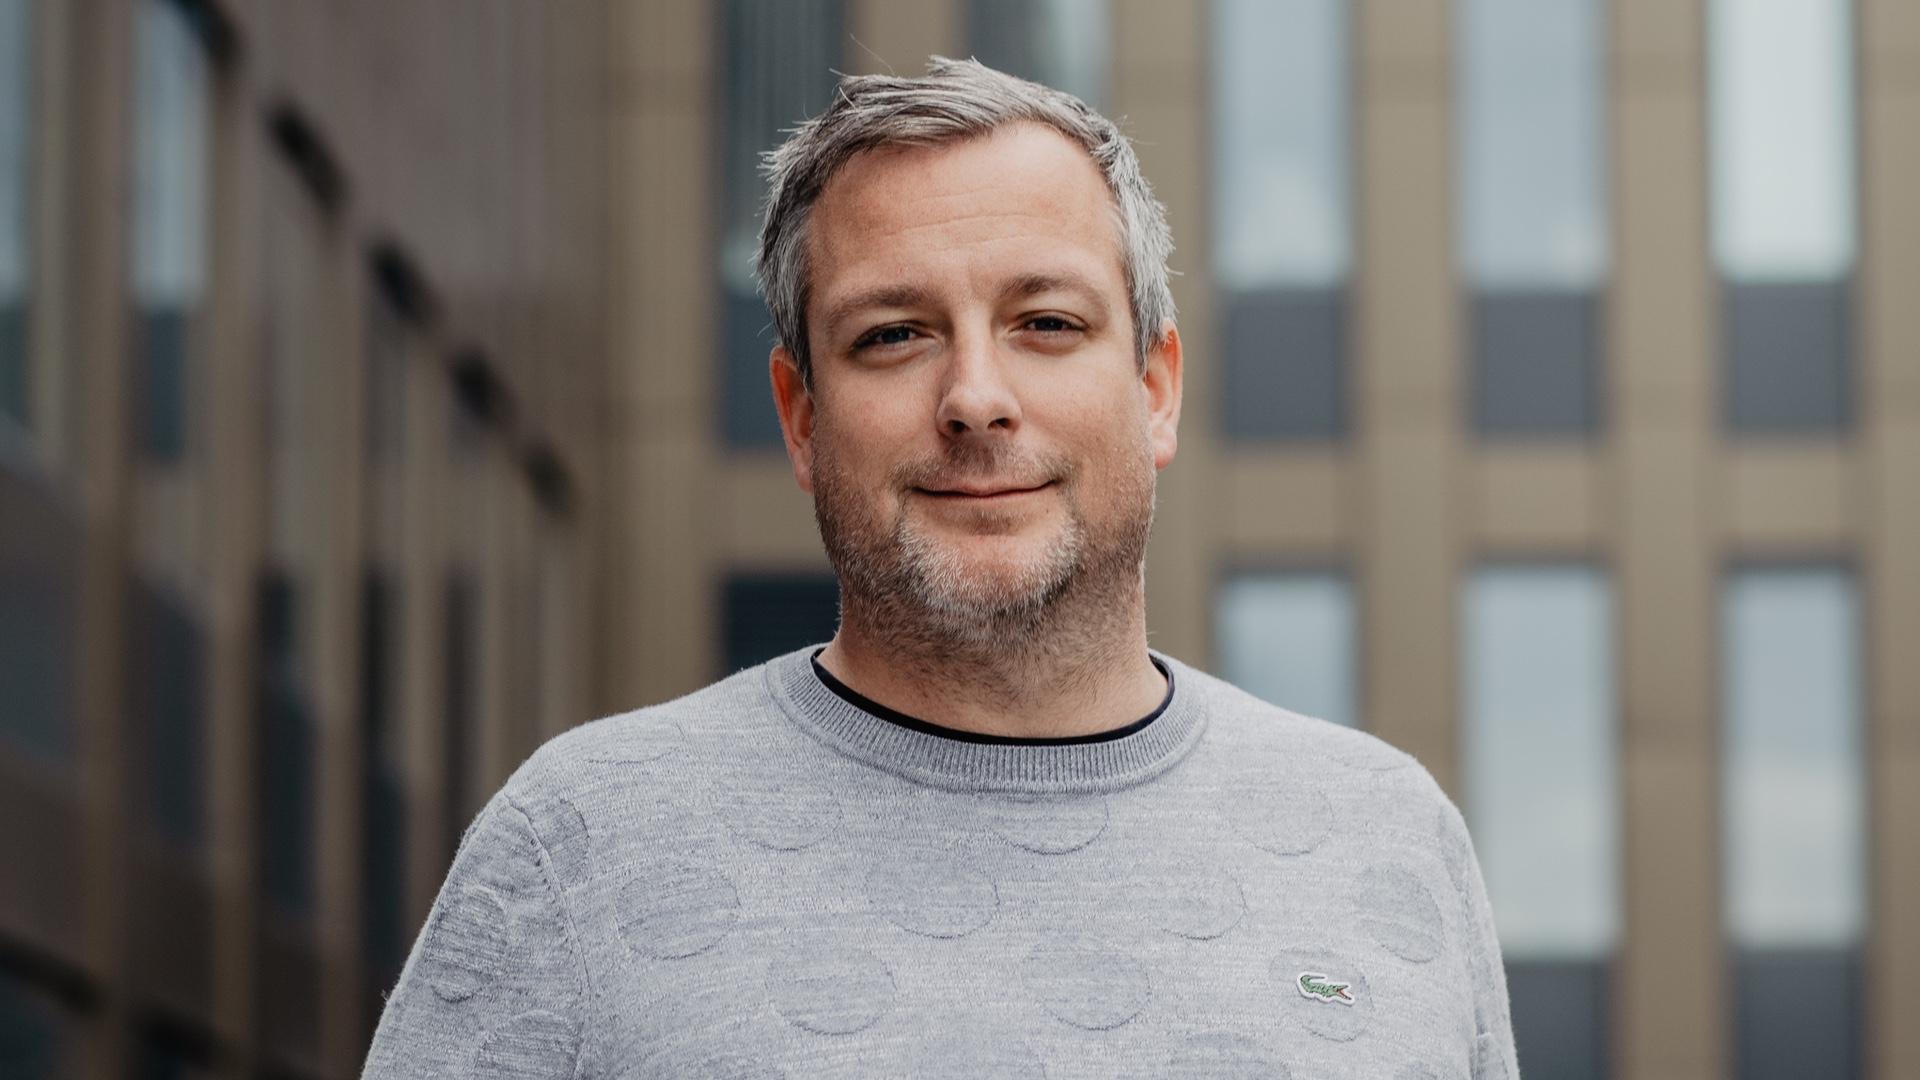 Igor Třeslín, CEO Storyous